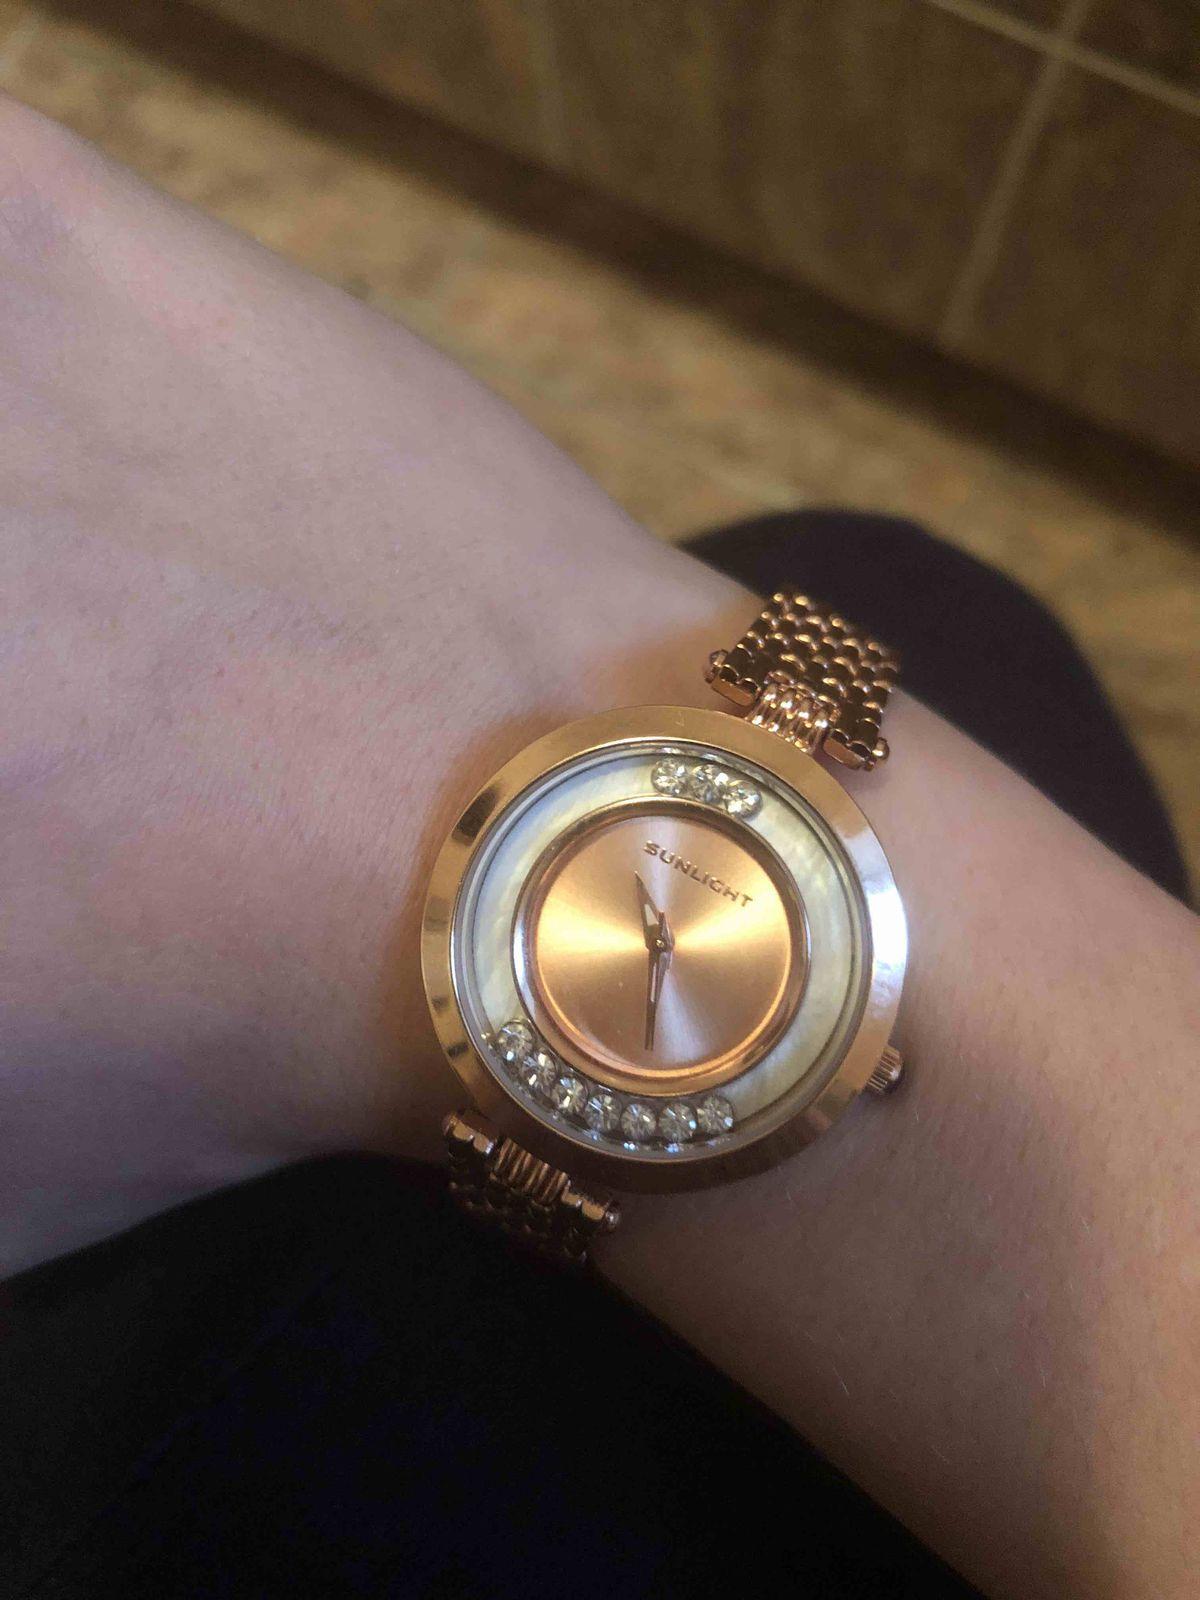 Часики цвета розовое золото с подвижными кристаллами внутри!